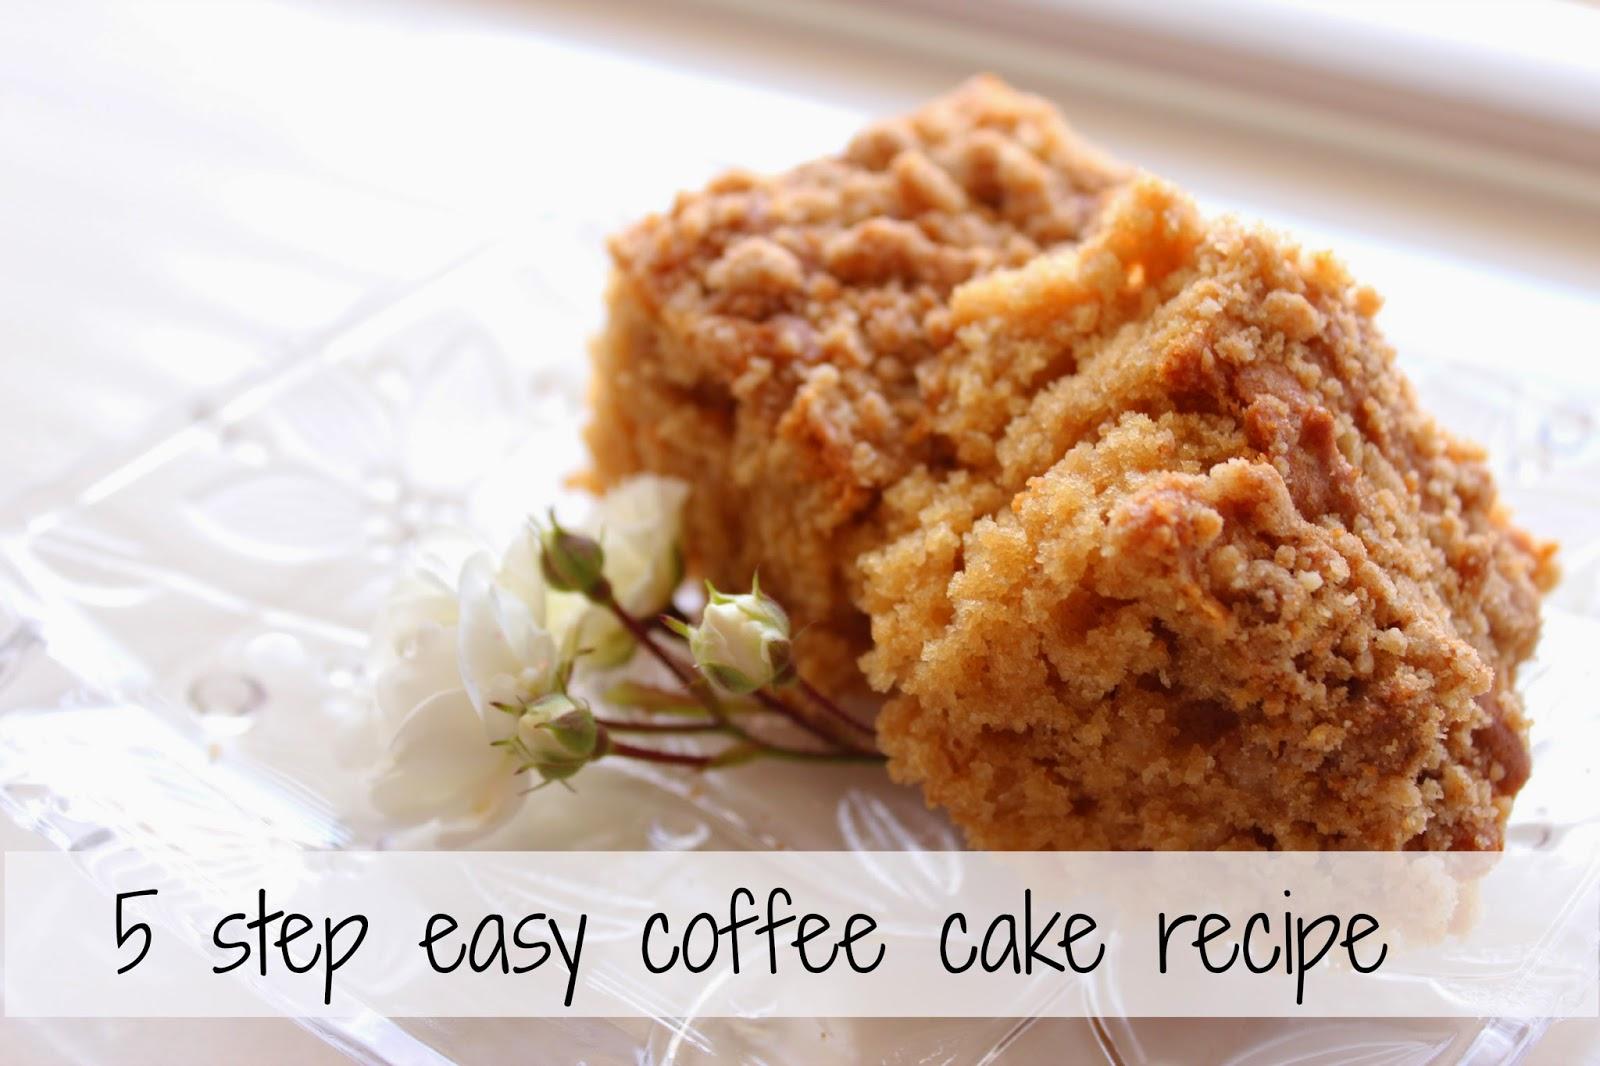 Quick Easy Coffee Cake Recipe